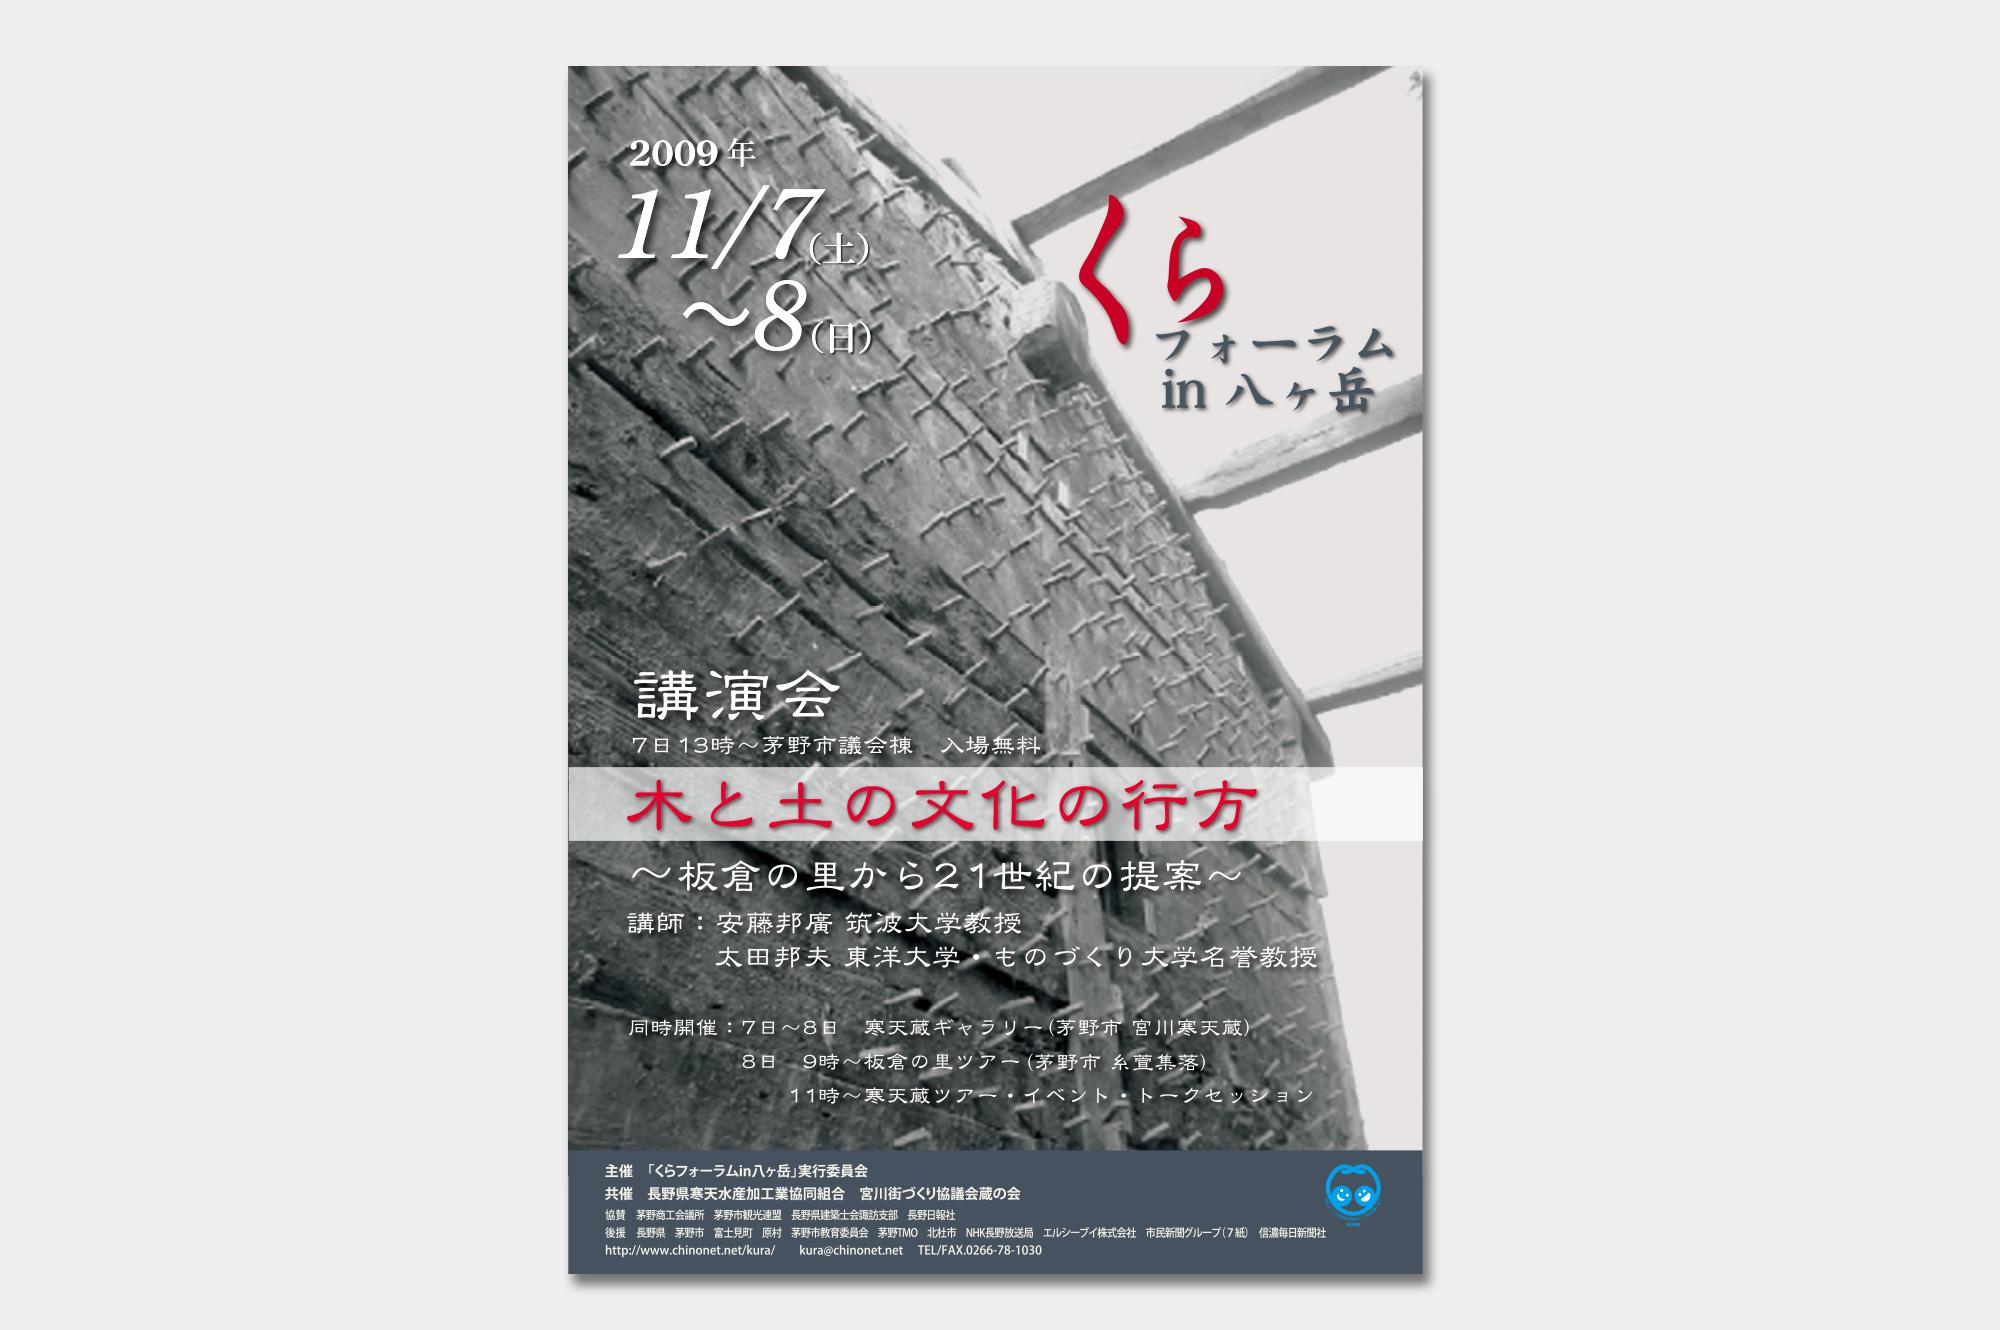 A2ポスター(くらフォーラムin八ヶ岳様)